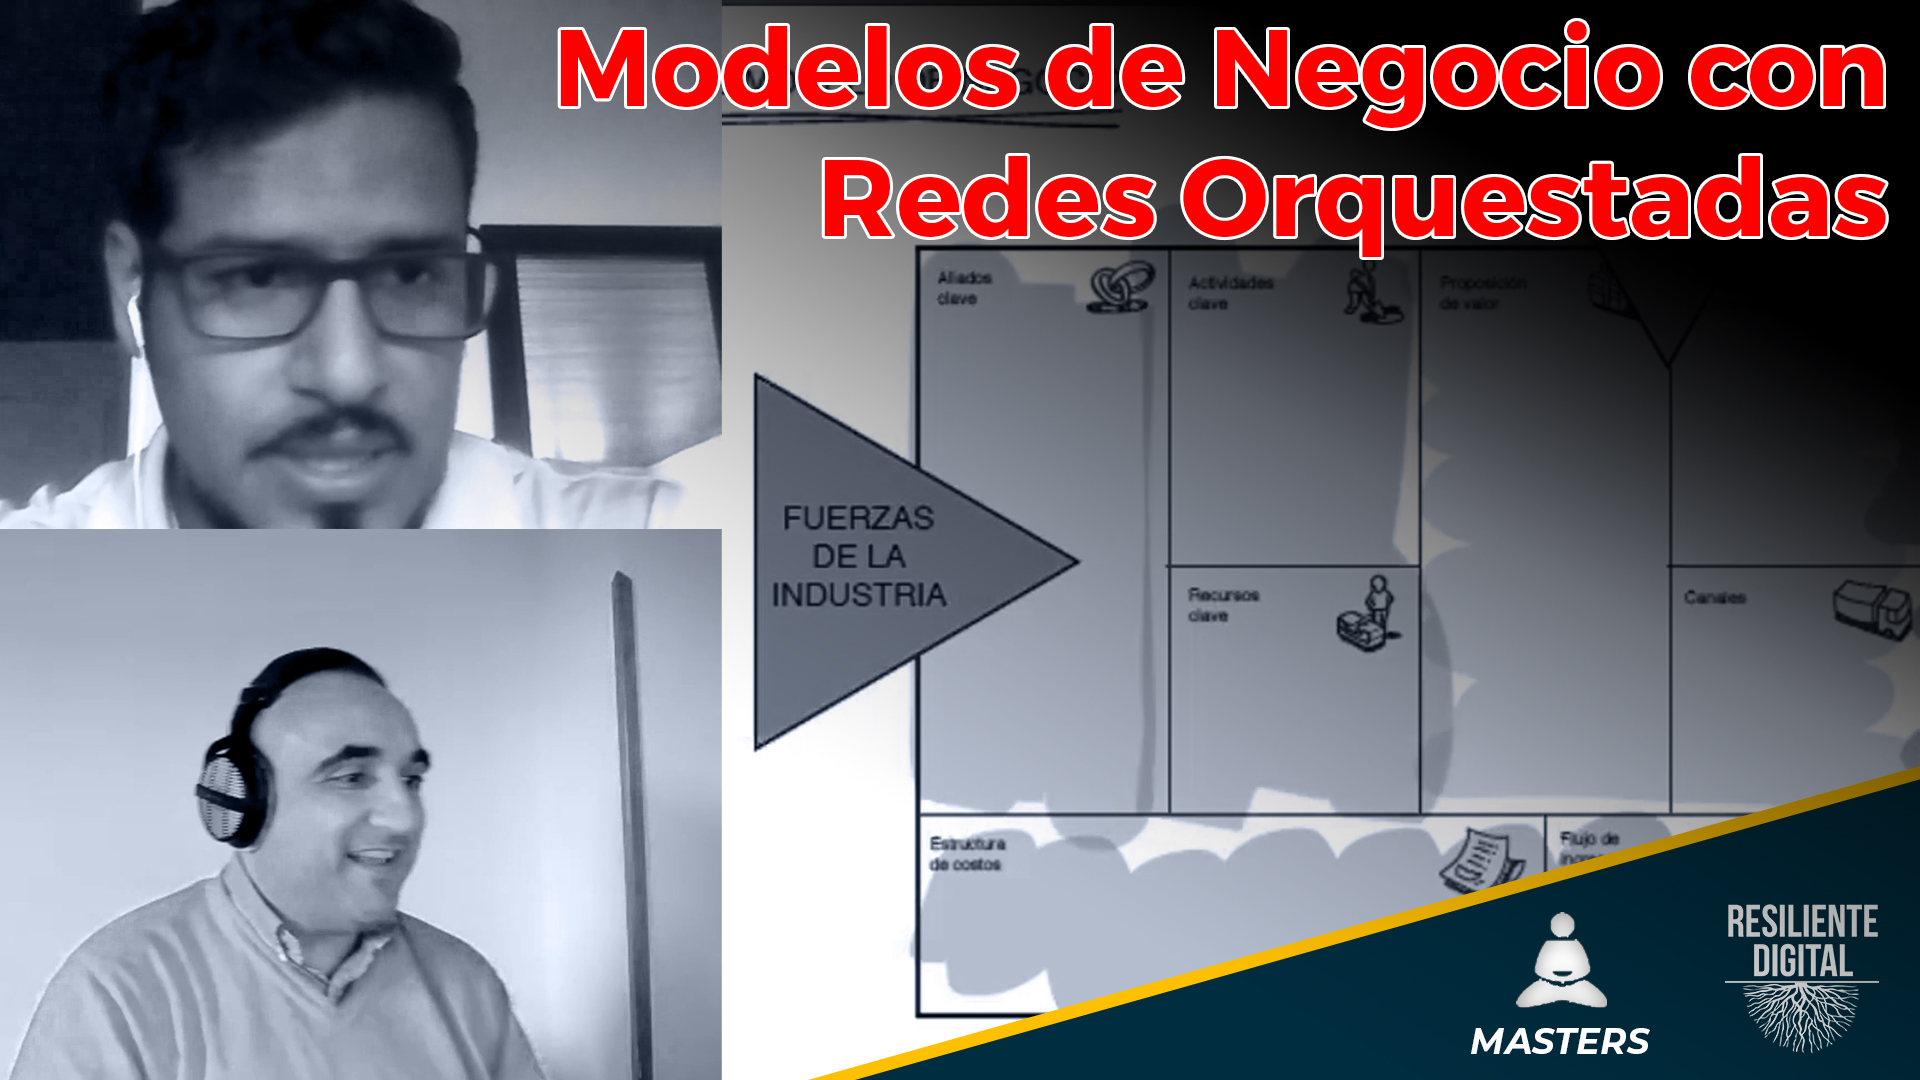 Modelos de Negocio de Redes Orquestadas